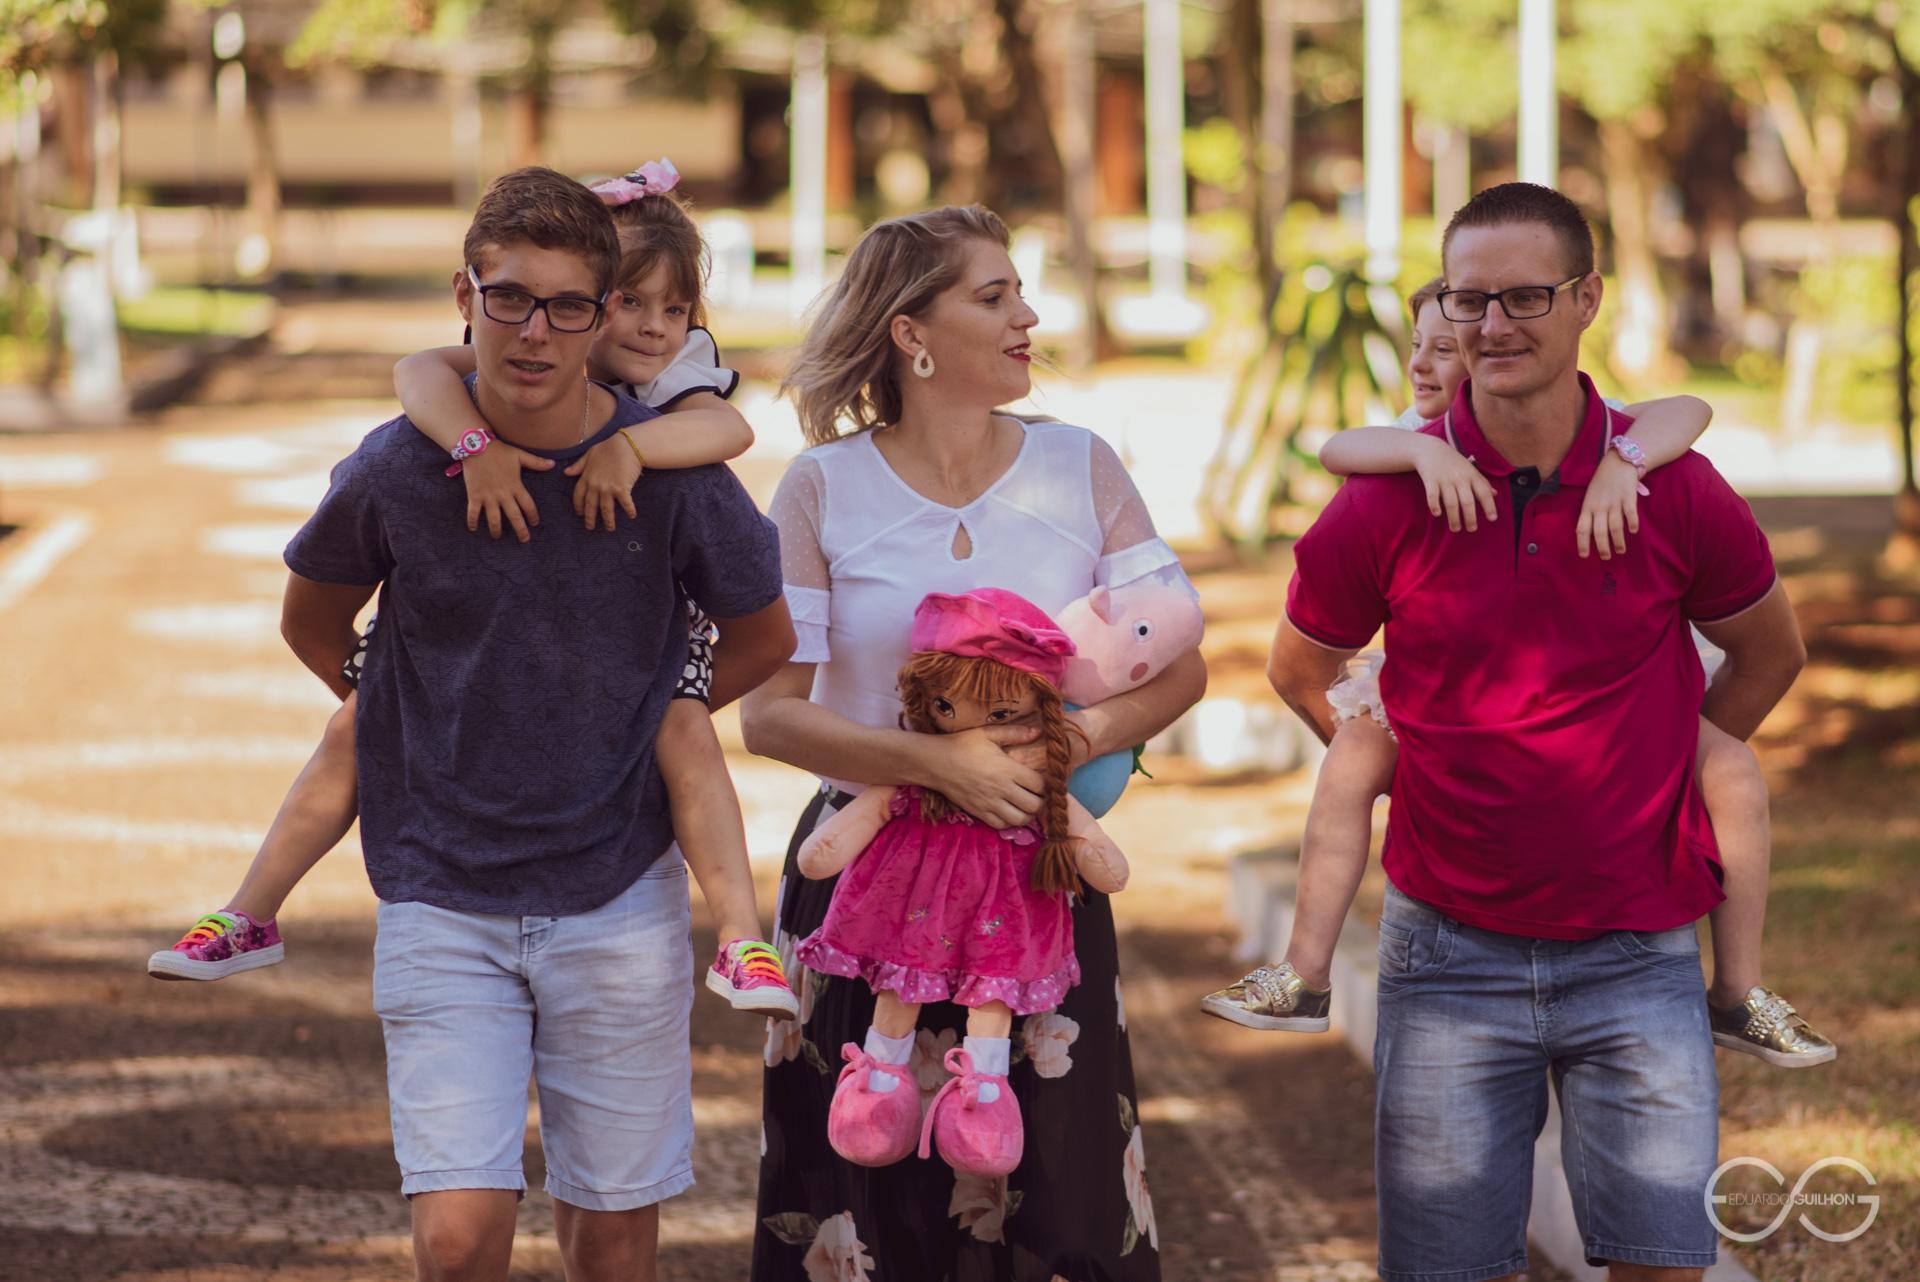 Gabriel com a Amanda nas costas, Sueida segurando as bonecas e o Claudionei com a Kelly nas costas